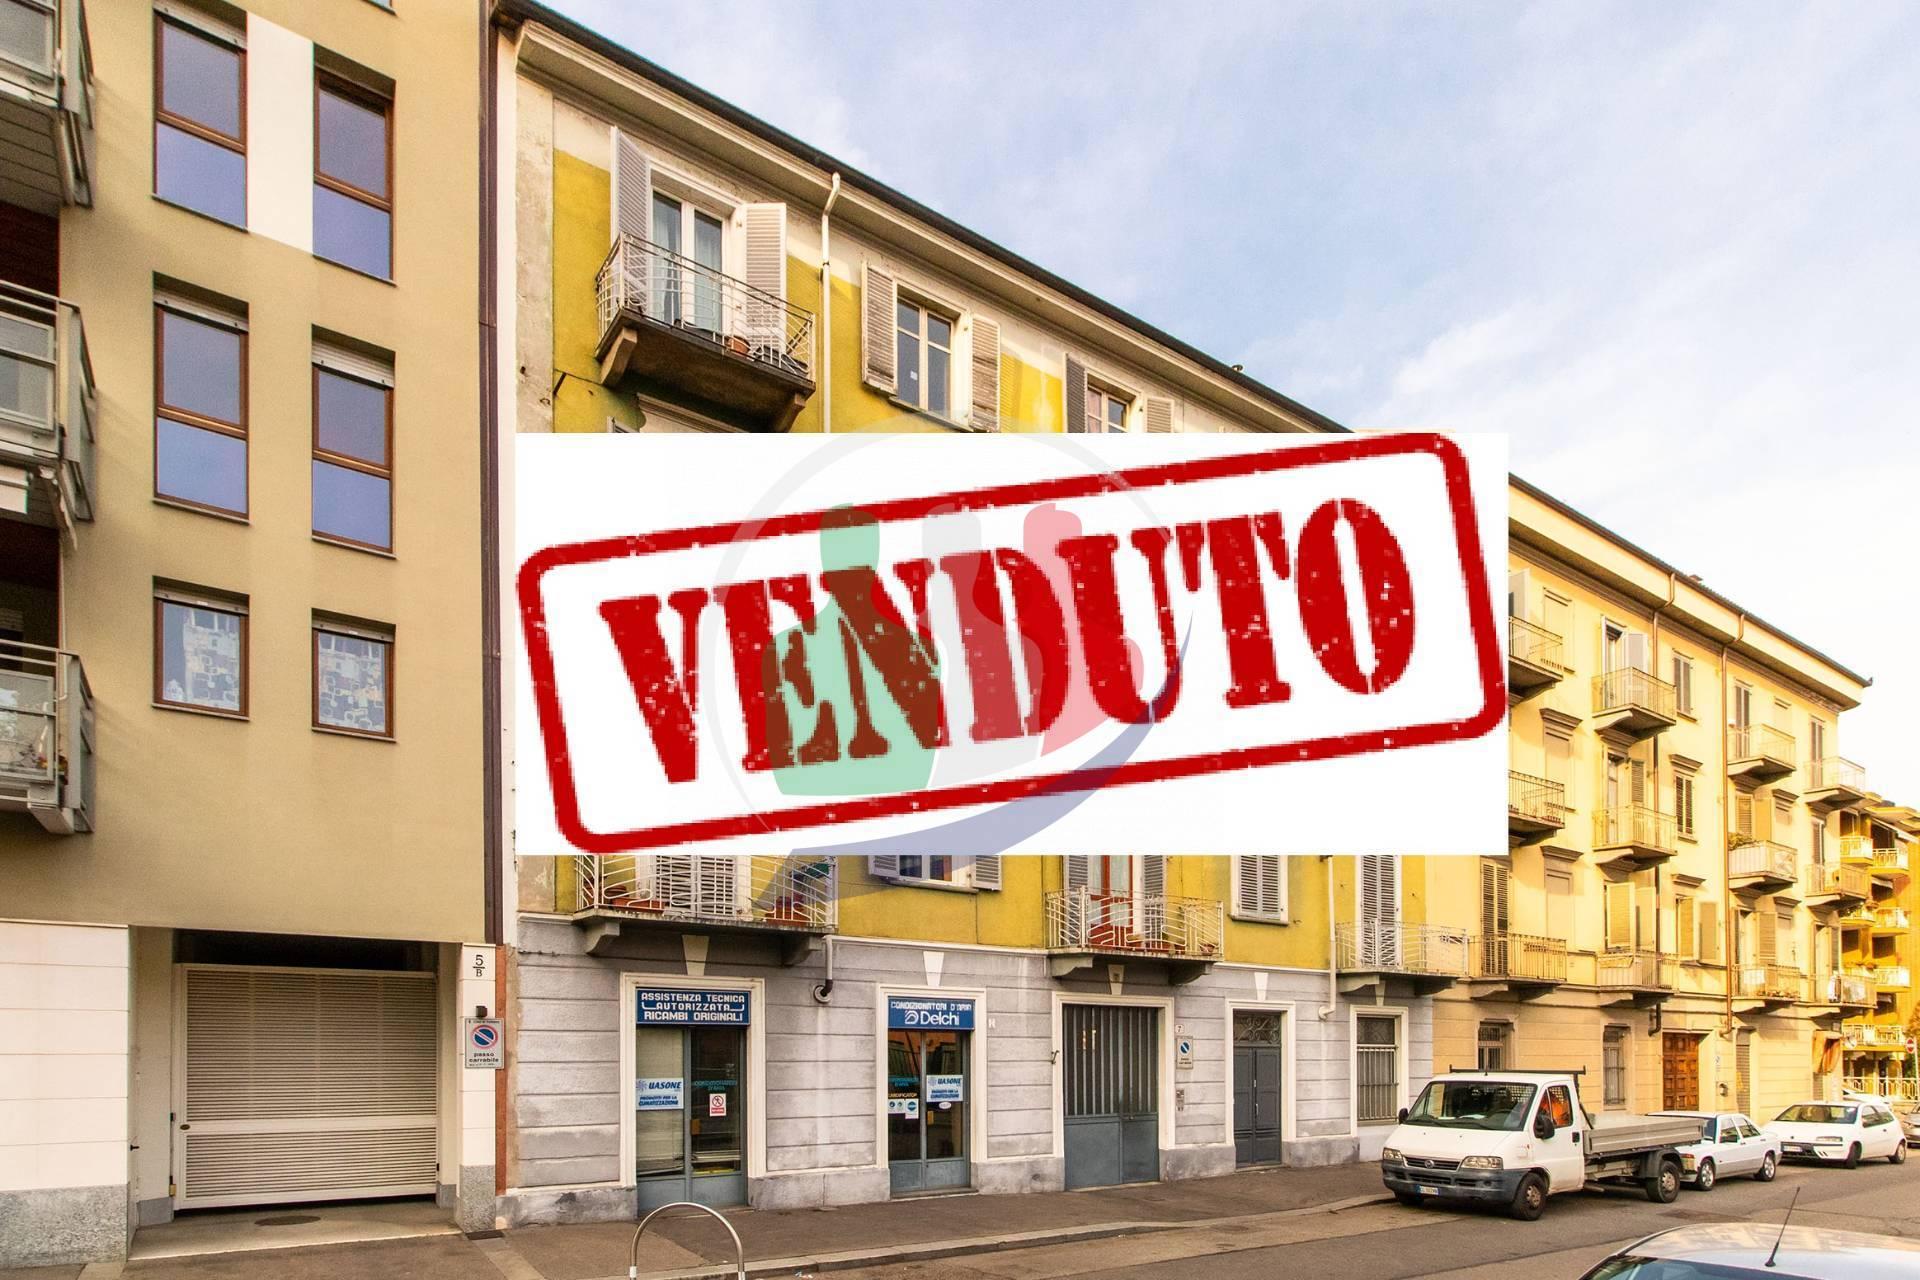 Appartamento in vendita a Torino, 4 locali, zona Località: Vanchiglietta, prezzo € 159.000 | PortaleAgenzieImmobiliari.it